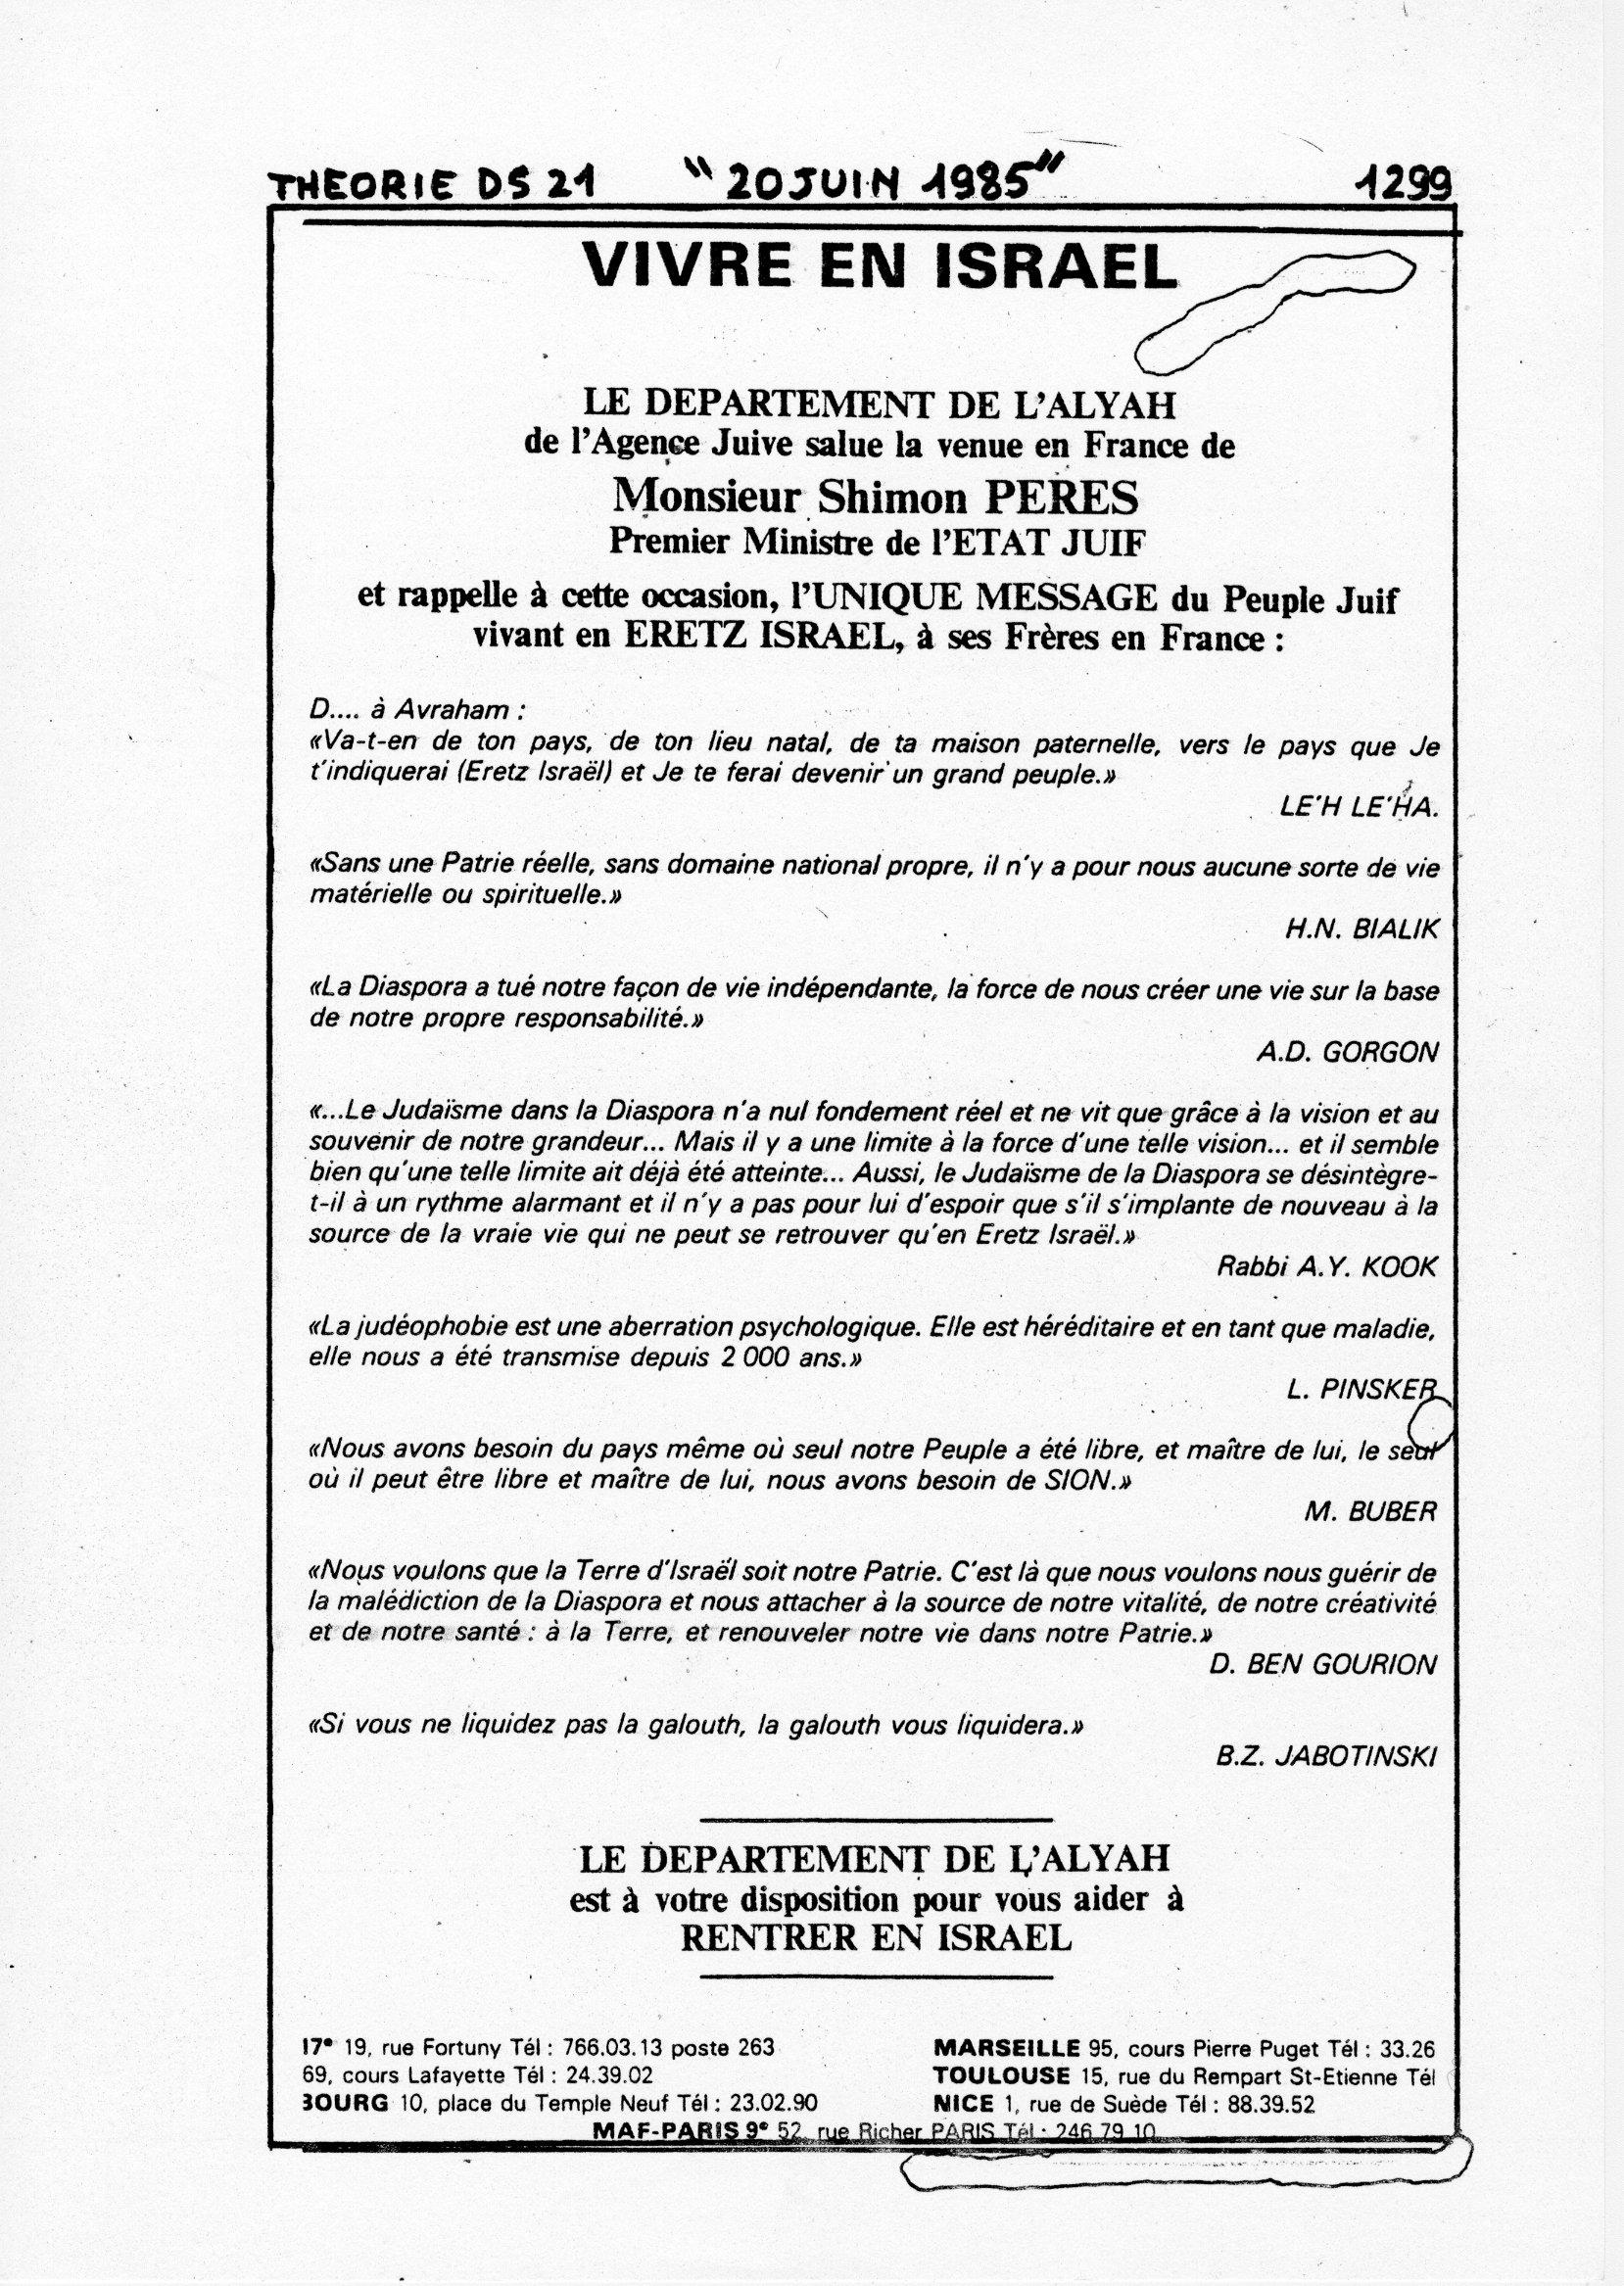 page 1299 Théorie D.S. 21 20 JUIN 1985